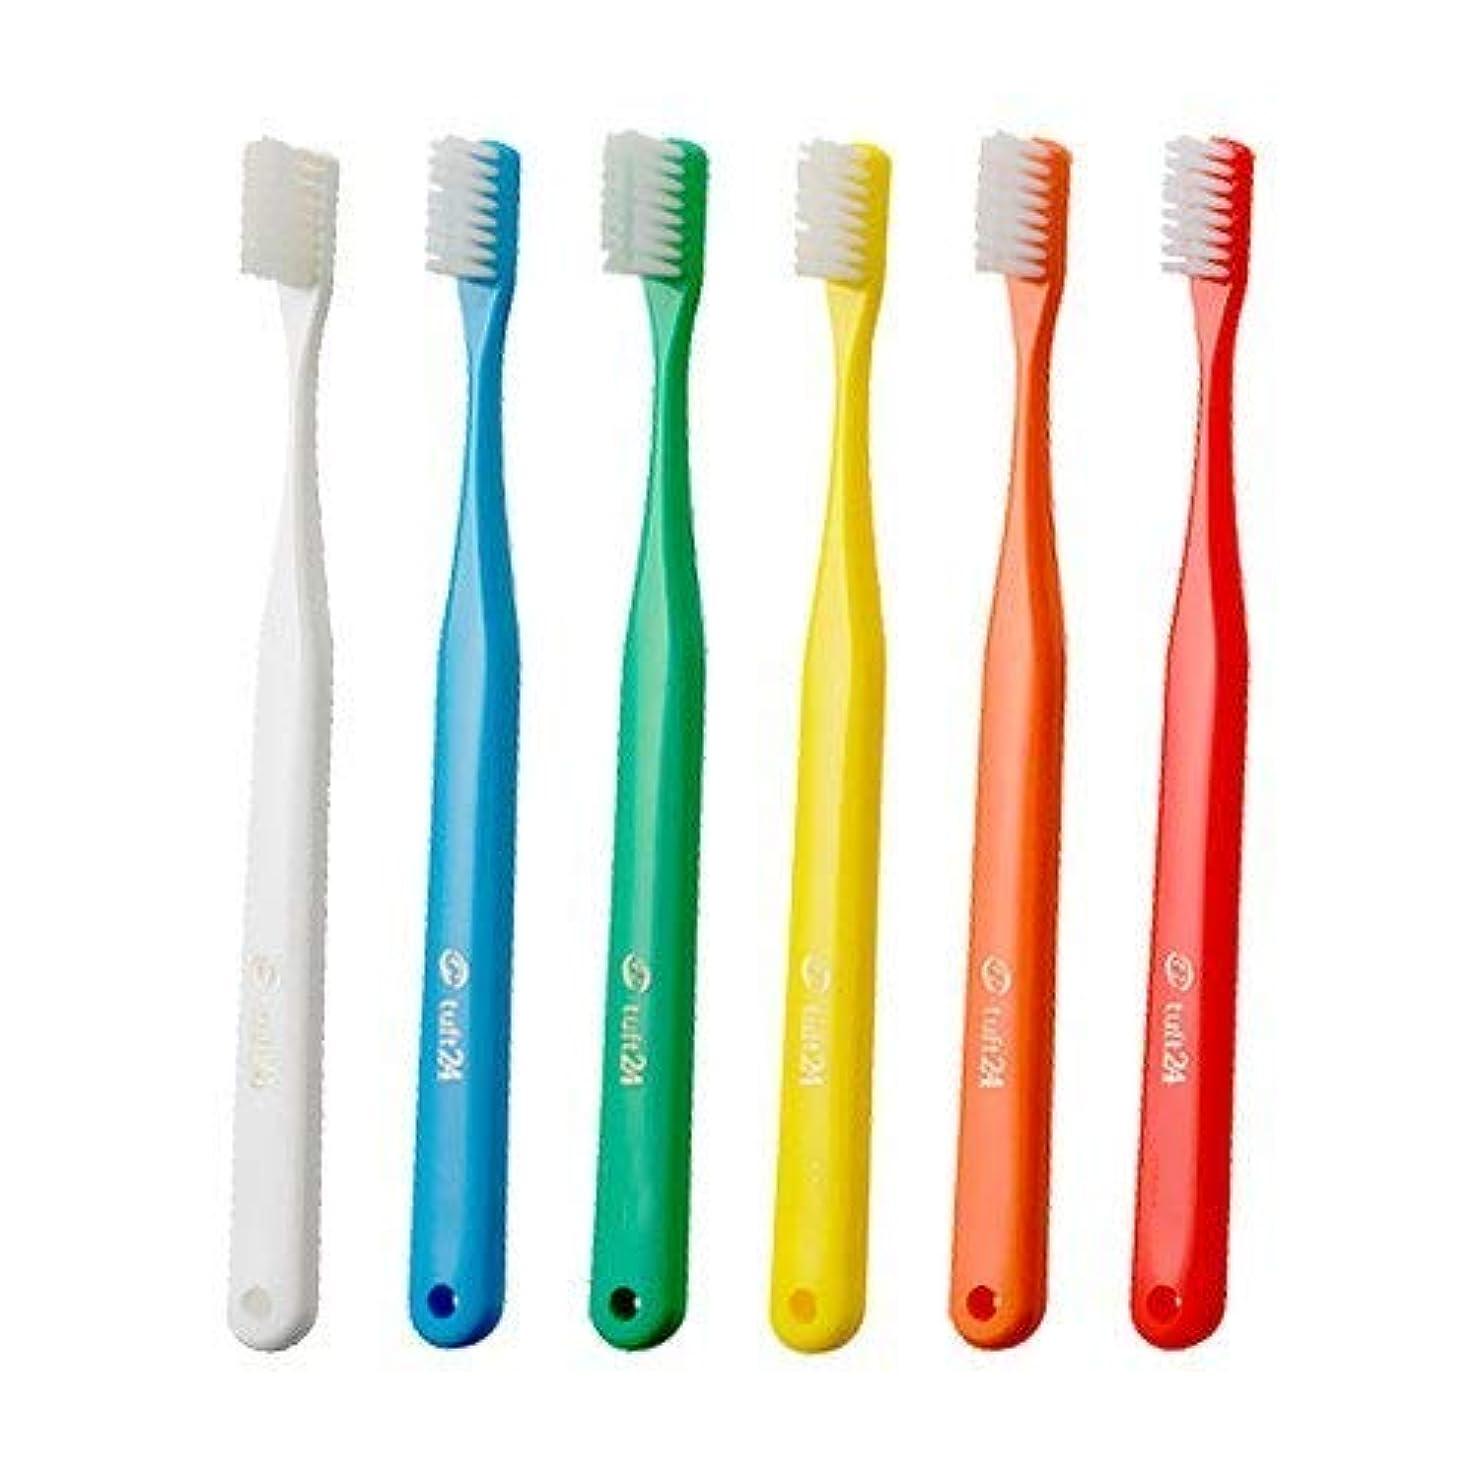 アクセル前提起訴するキャップなし タフト24 歯ブラシ × 10本 (MS)